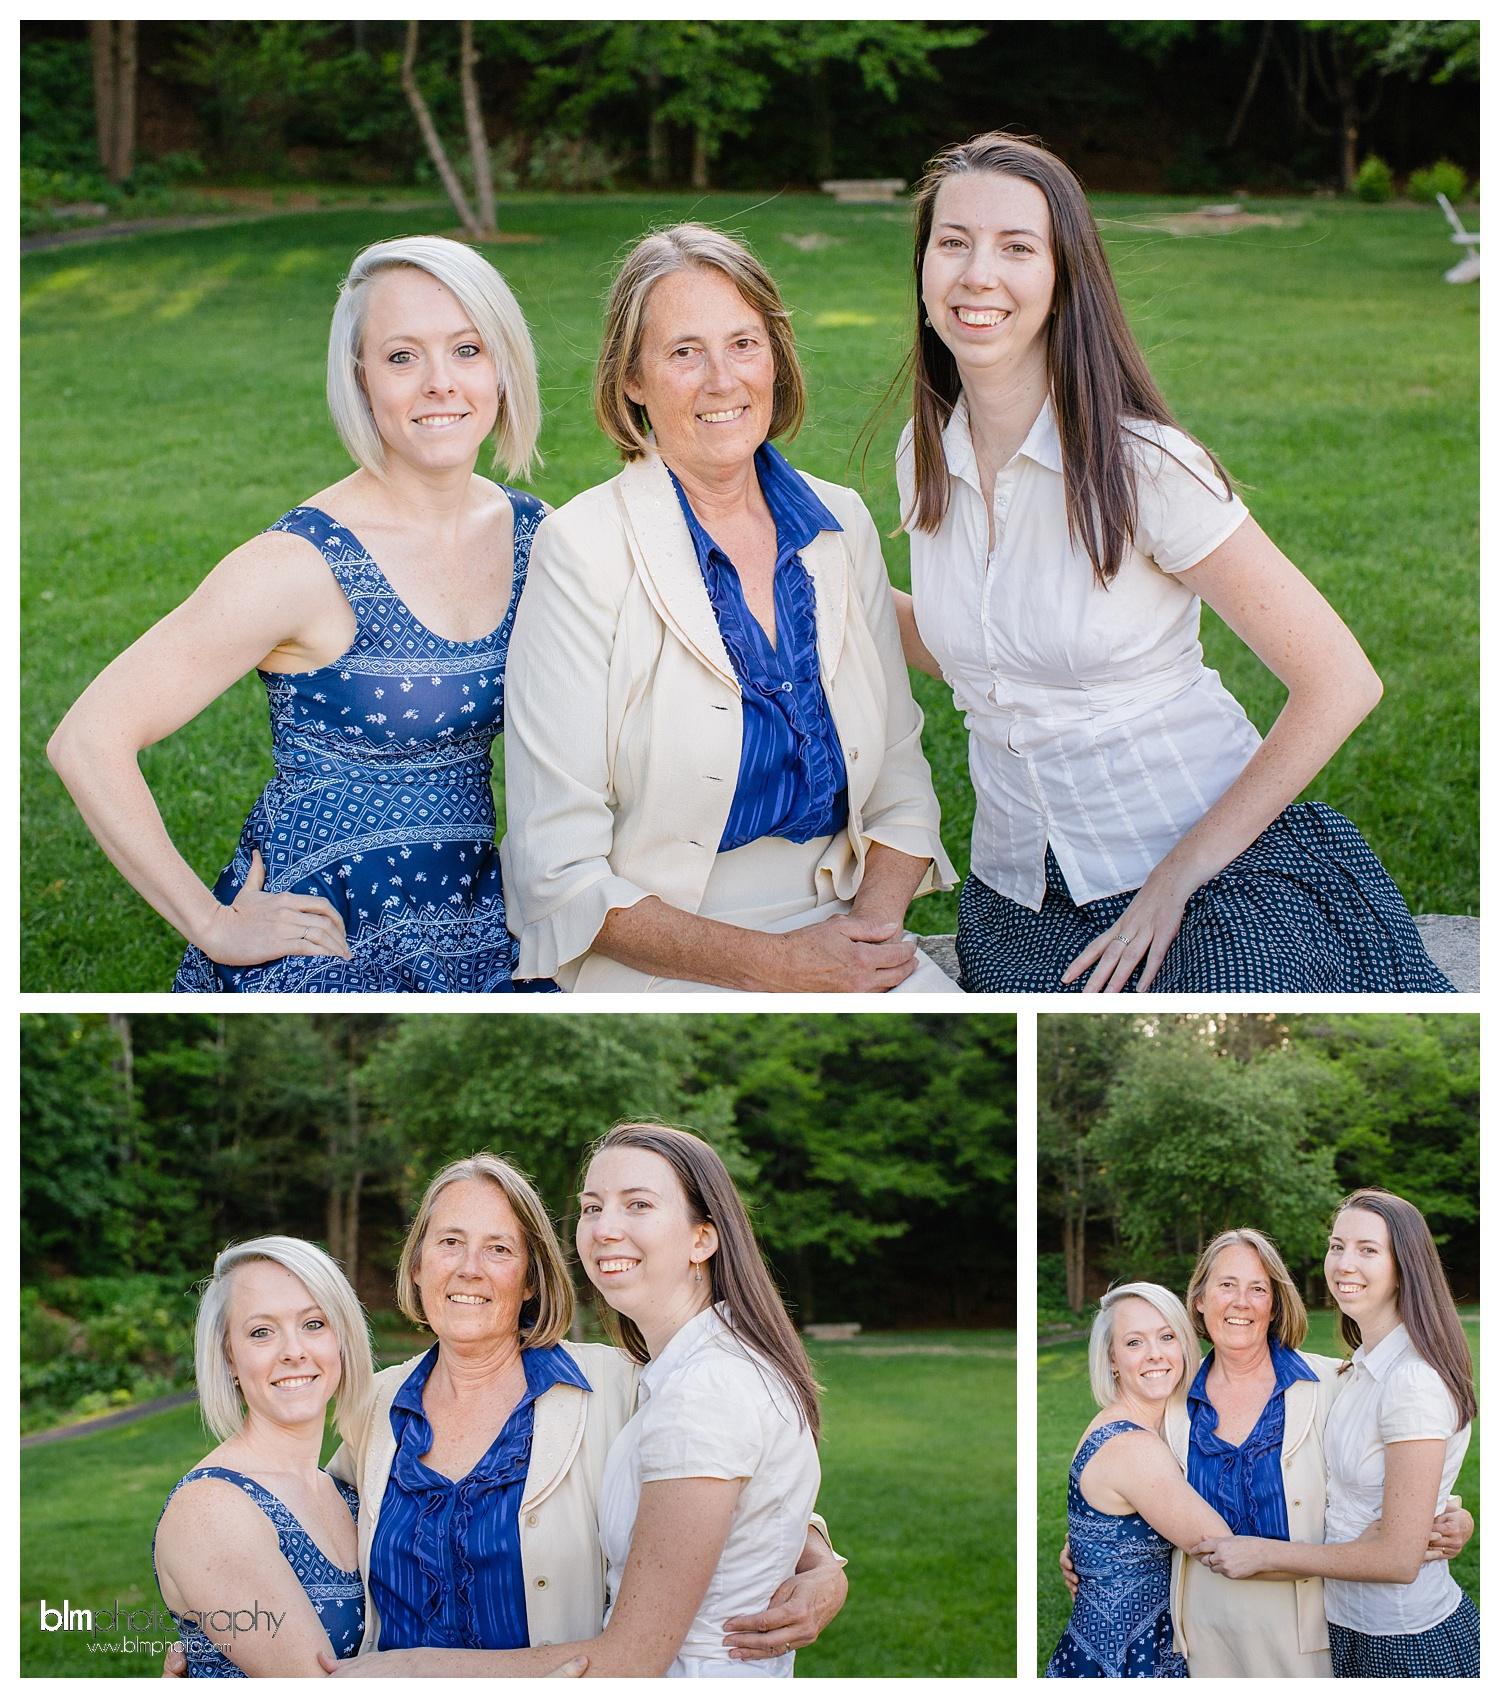 BLM,Brianna Morrissey,Brie Morrissey,Family Portraits,Jun,June,On Location Portrait,Outdoor Portrait,Peterborough Portrait Photographer,Photo,Photographer,Photography,Putnam Park,Wolbers-Family-Portraits,www.blmphoto.com/contact,©BLM Photography 2017,